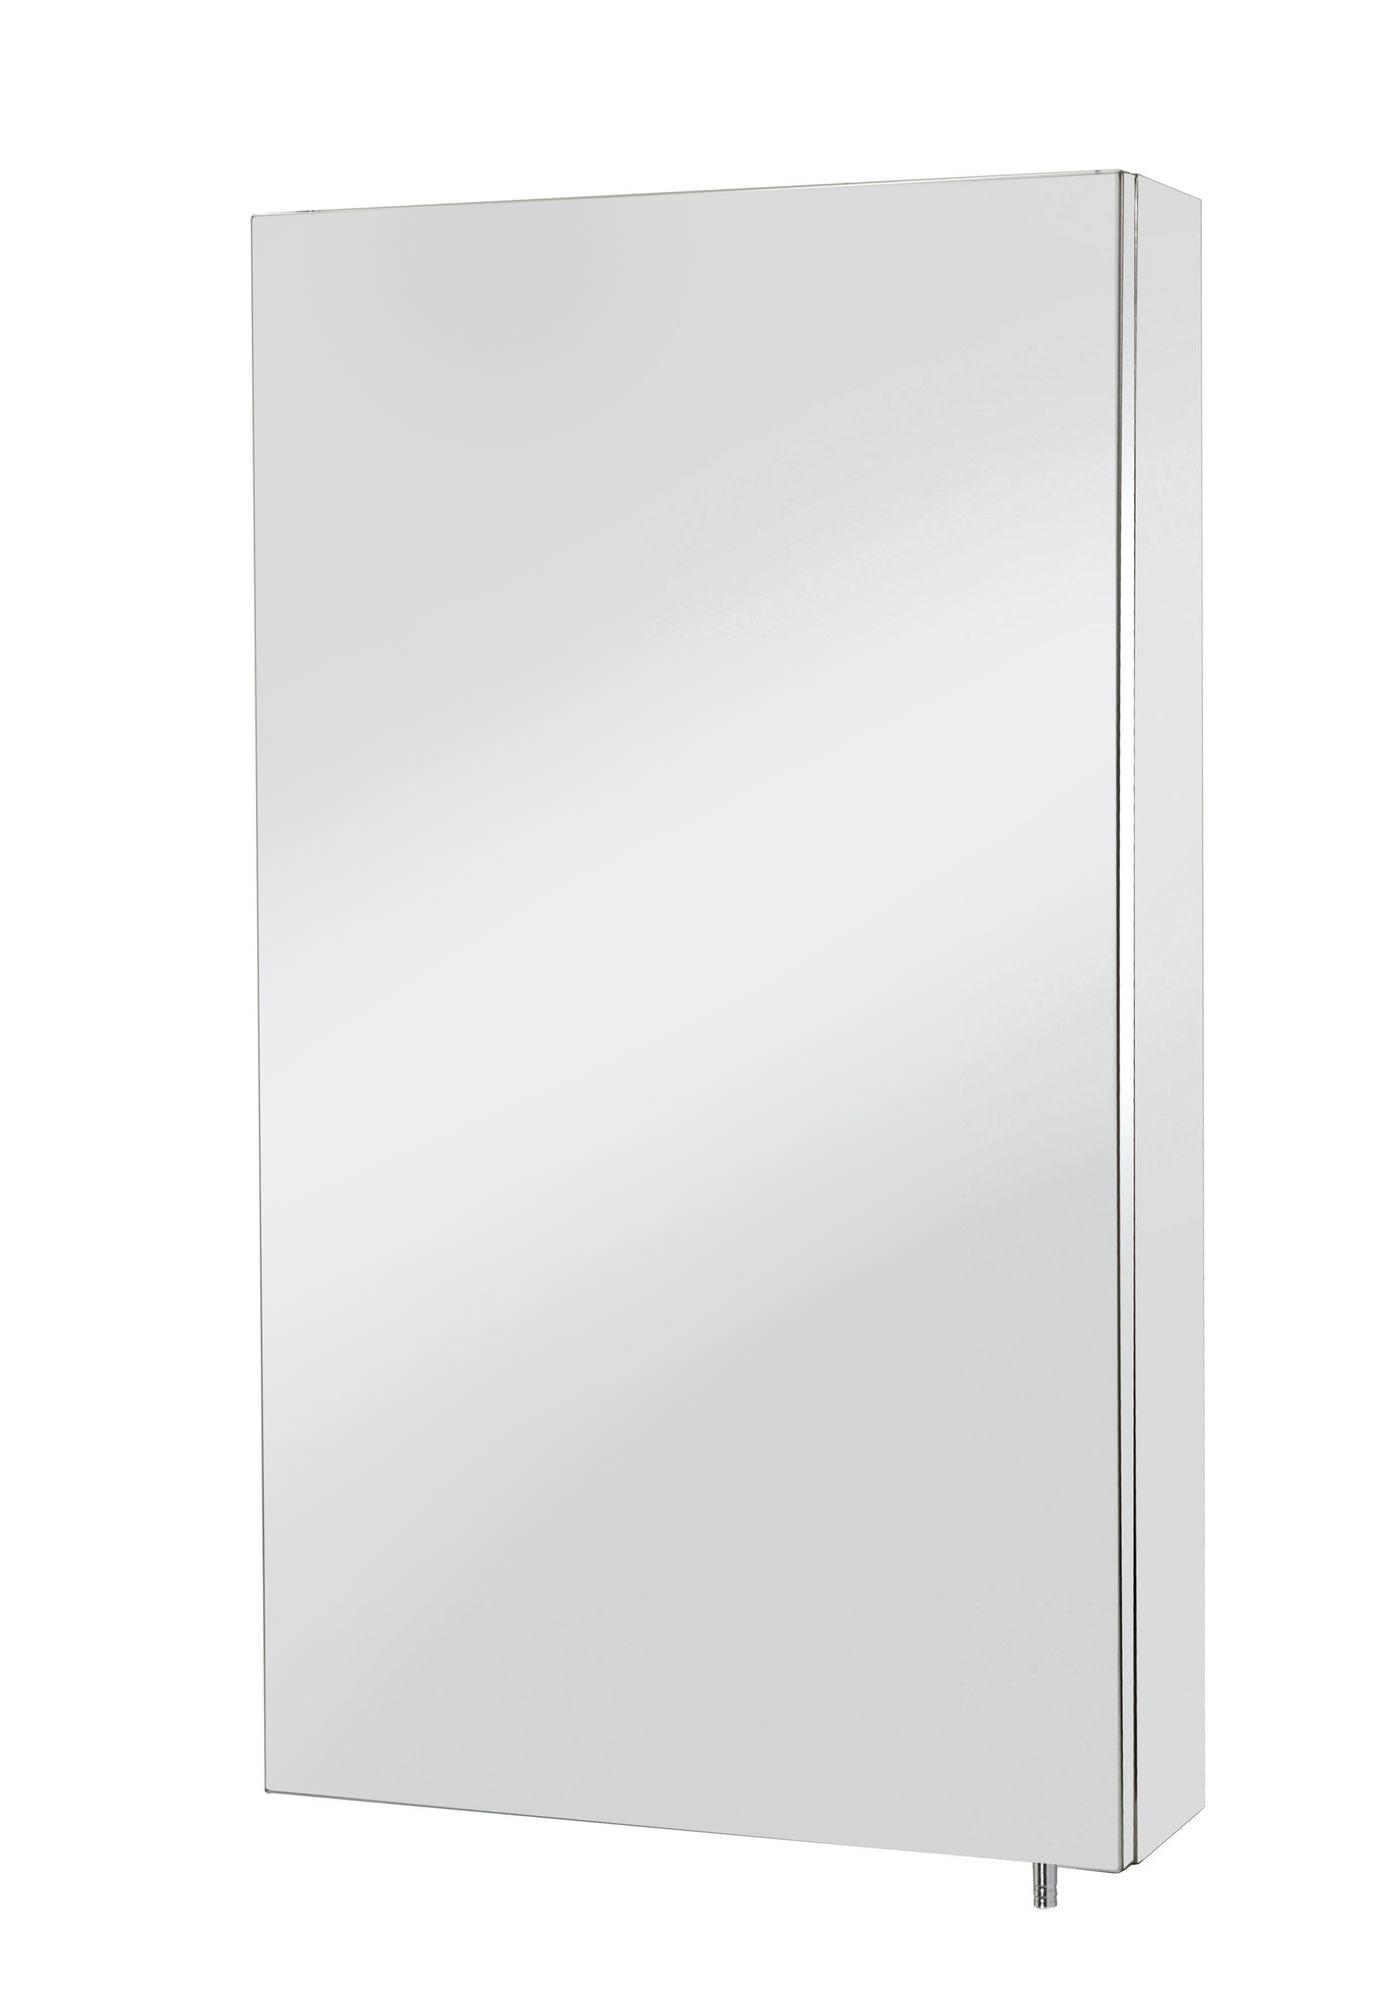 Croydex Colorado Stainless Steel Single Door Large Mirror